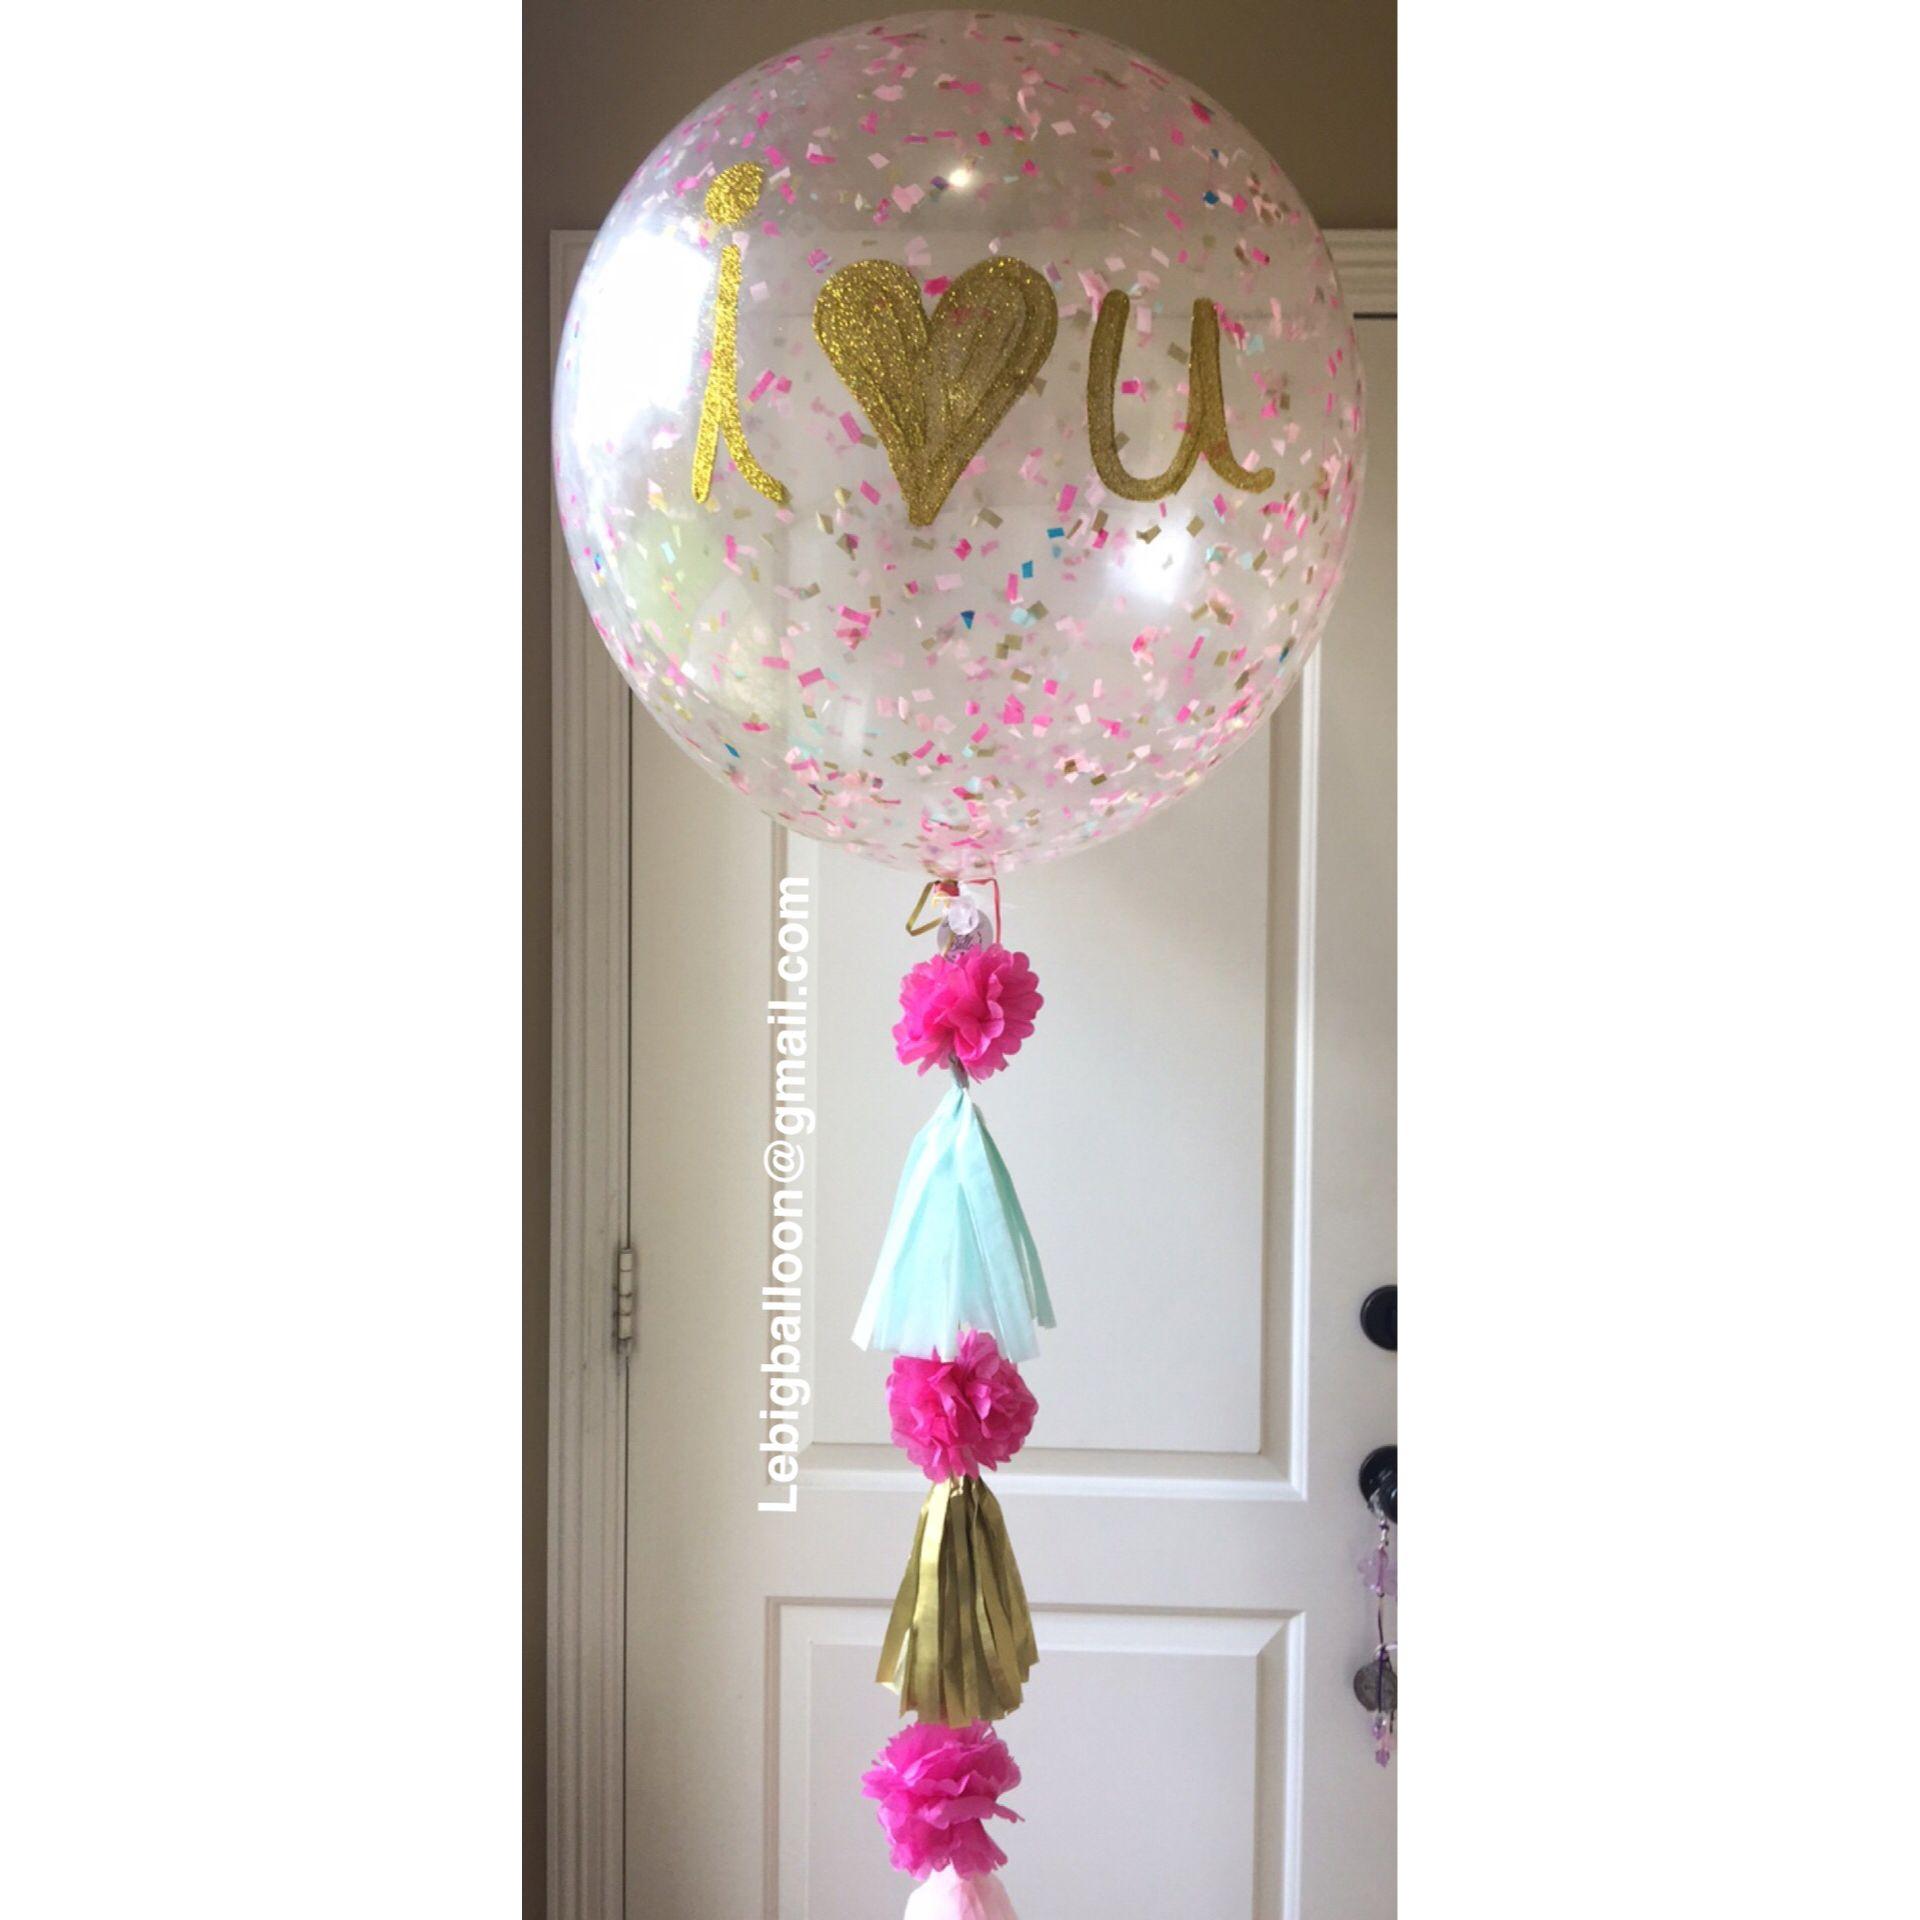 Valle de texas globos gigantes big balloons - Globos para fiestas ...